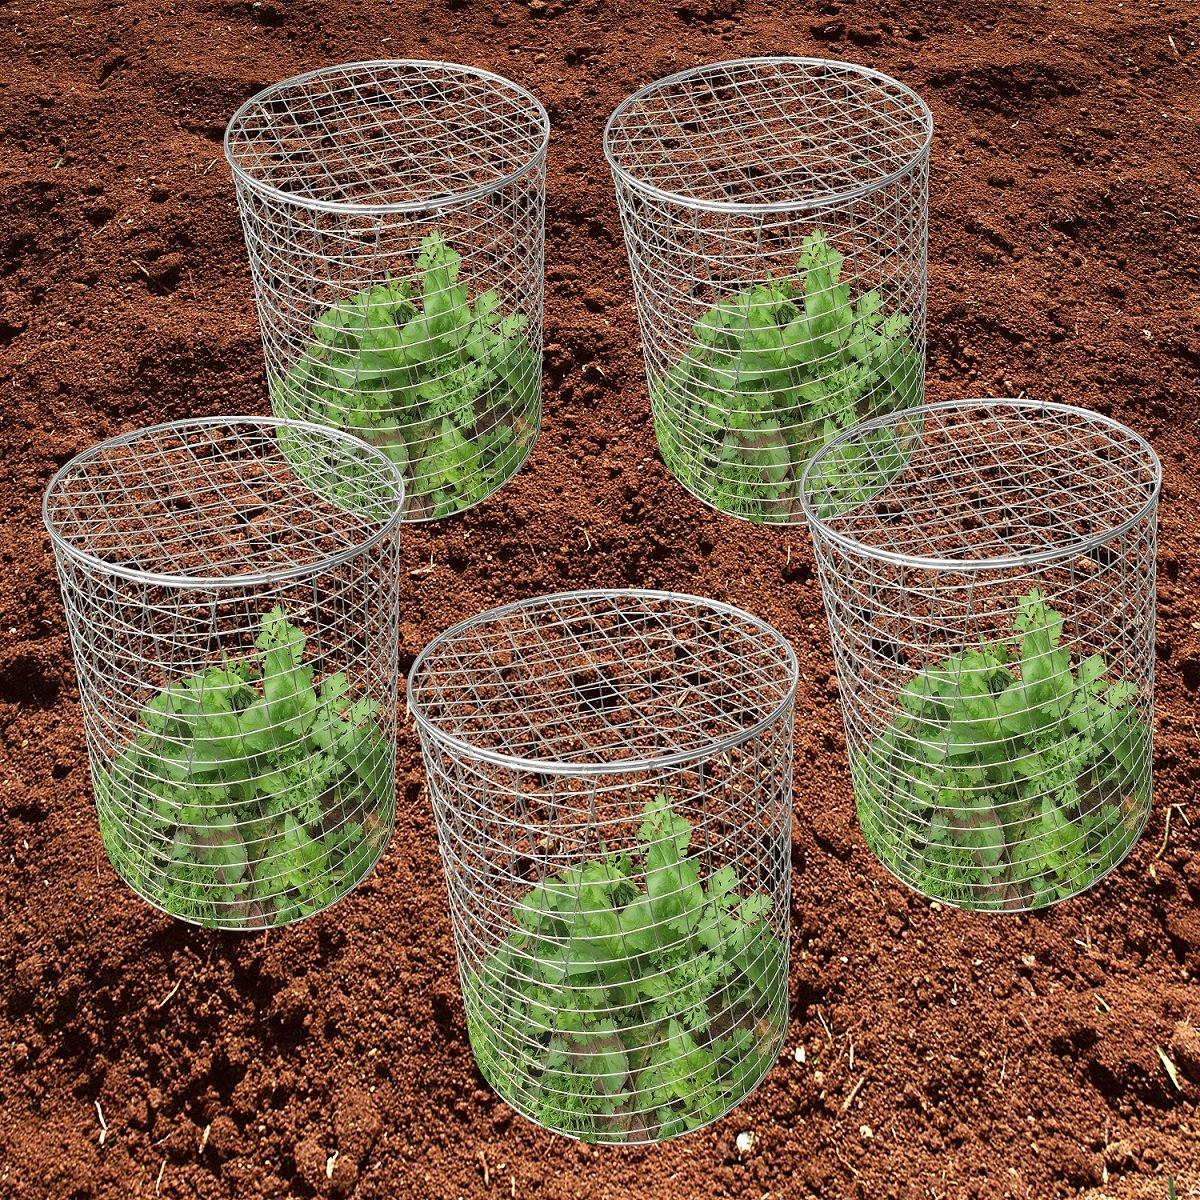 Amazon.com : Mr Garden ETA Stainless Steel Wire Barrier Mesh Basket ...